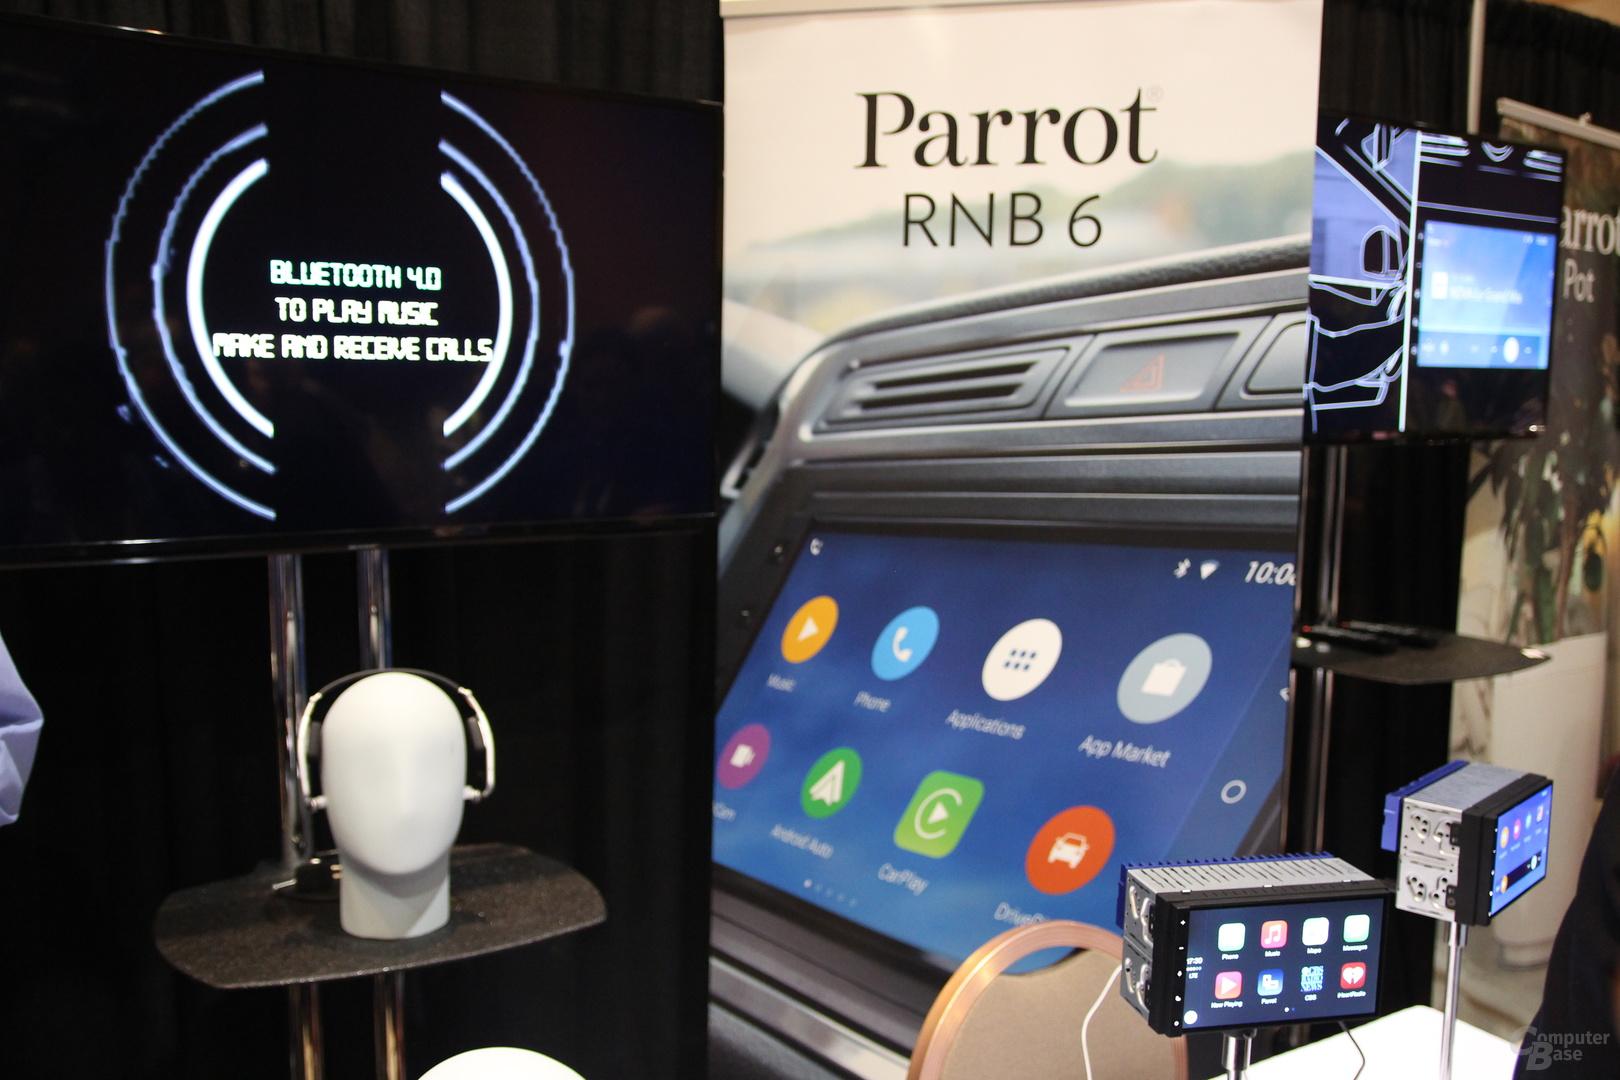 Parrot RNB 6